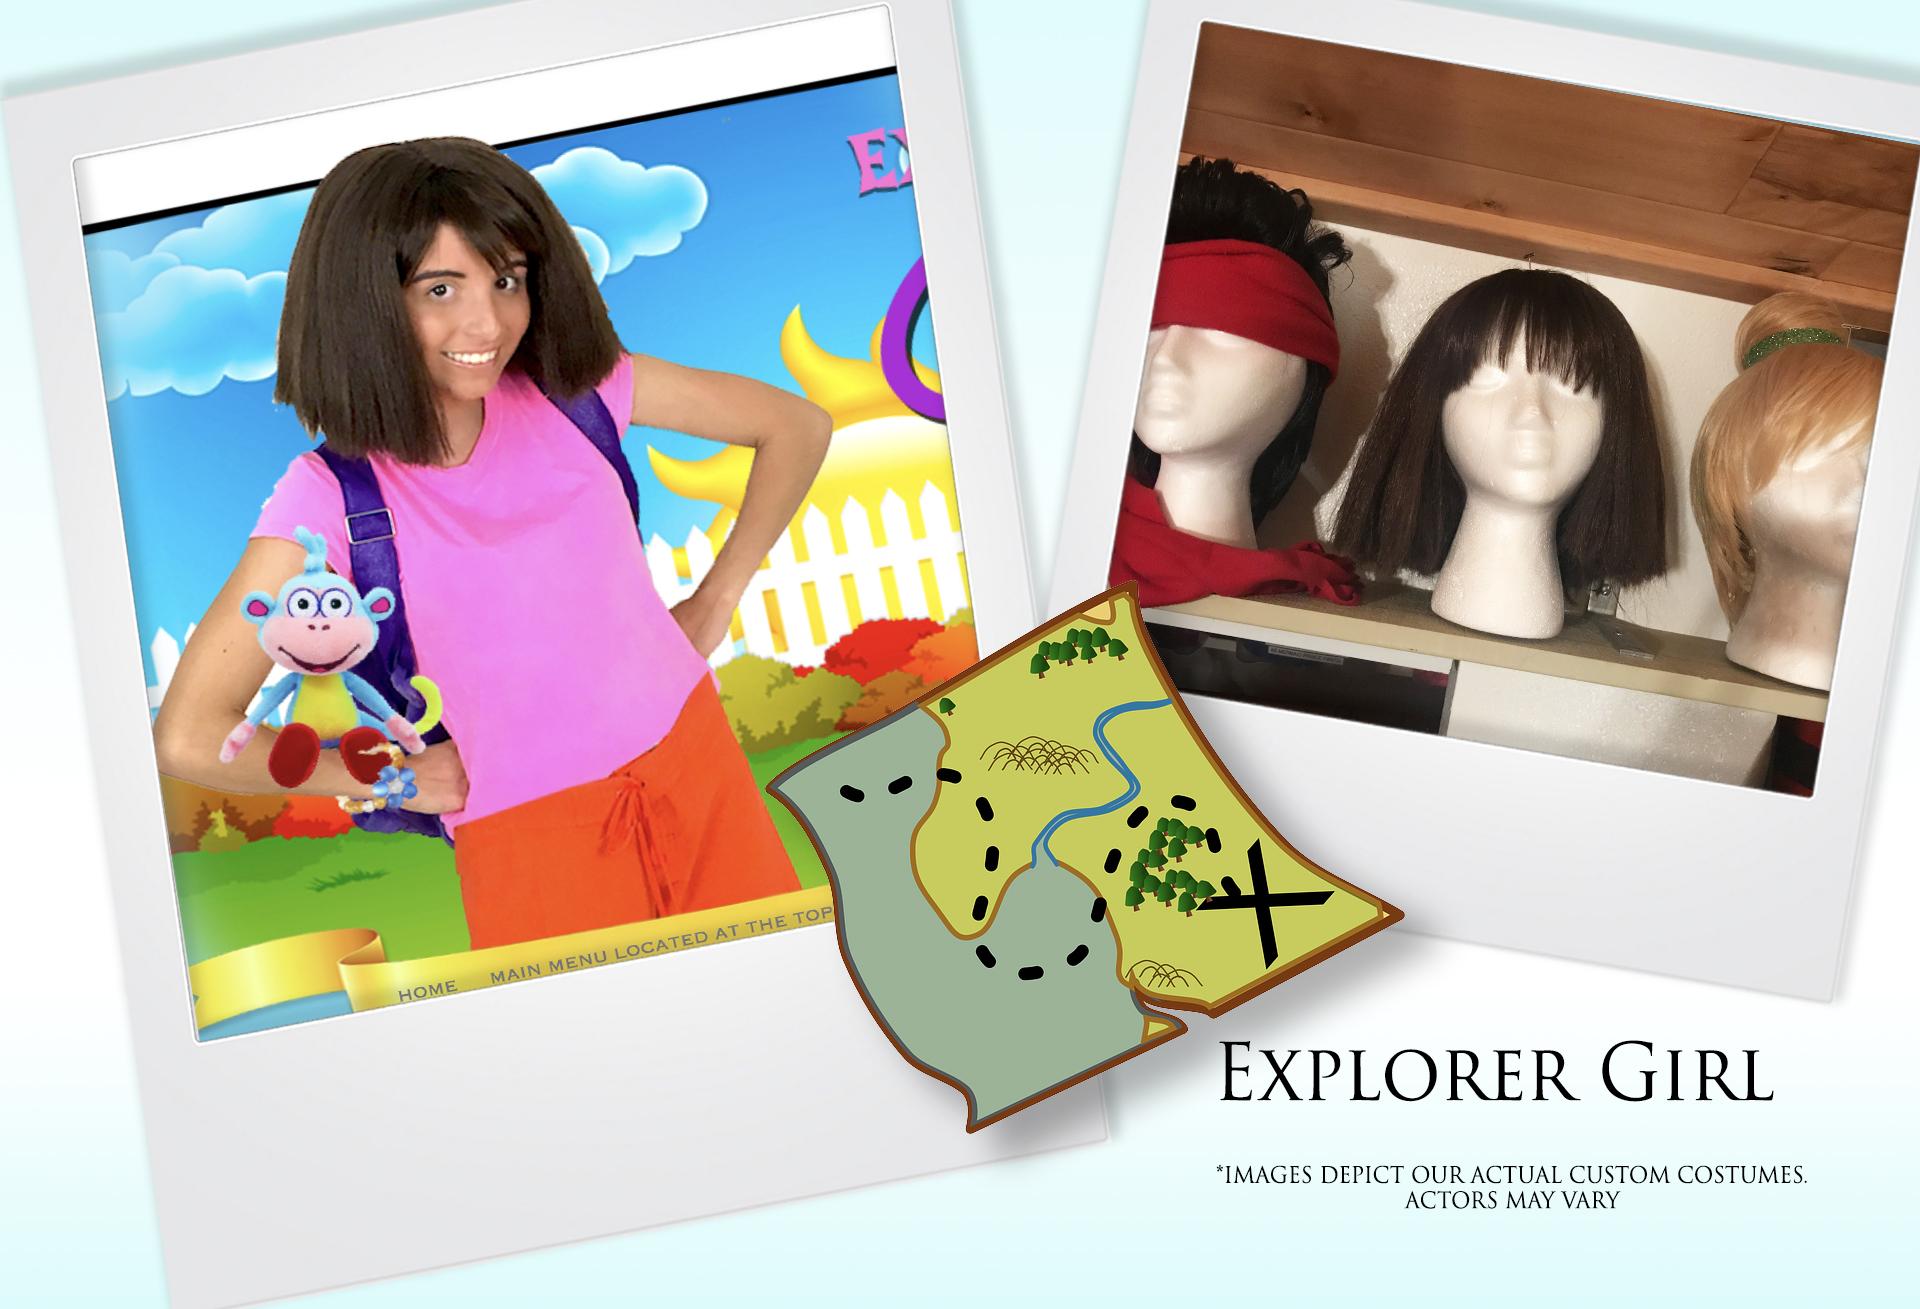 Explorer Girl